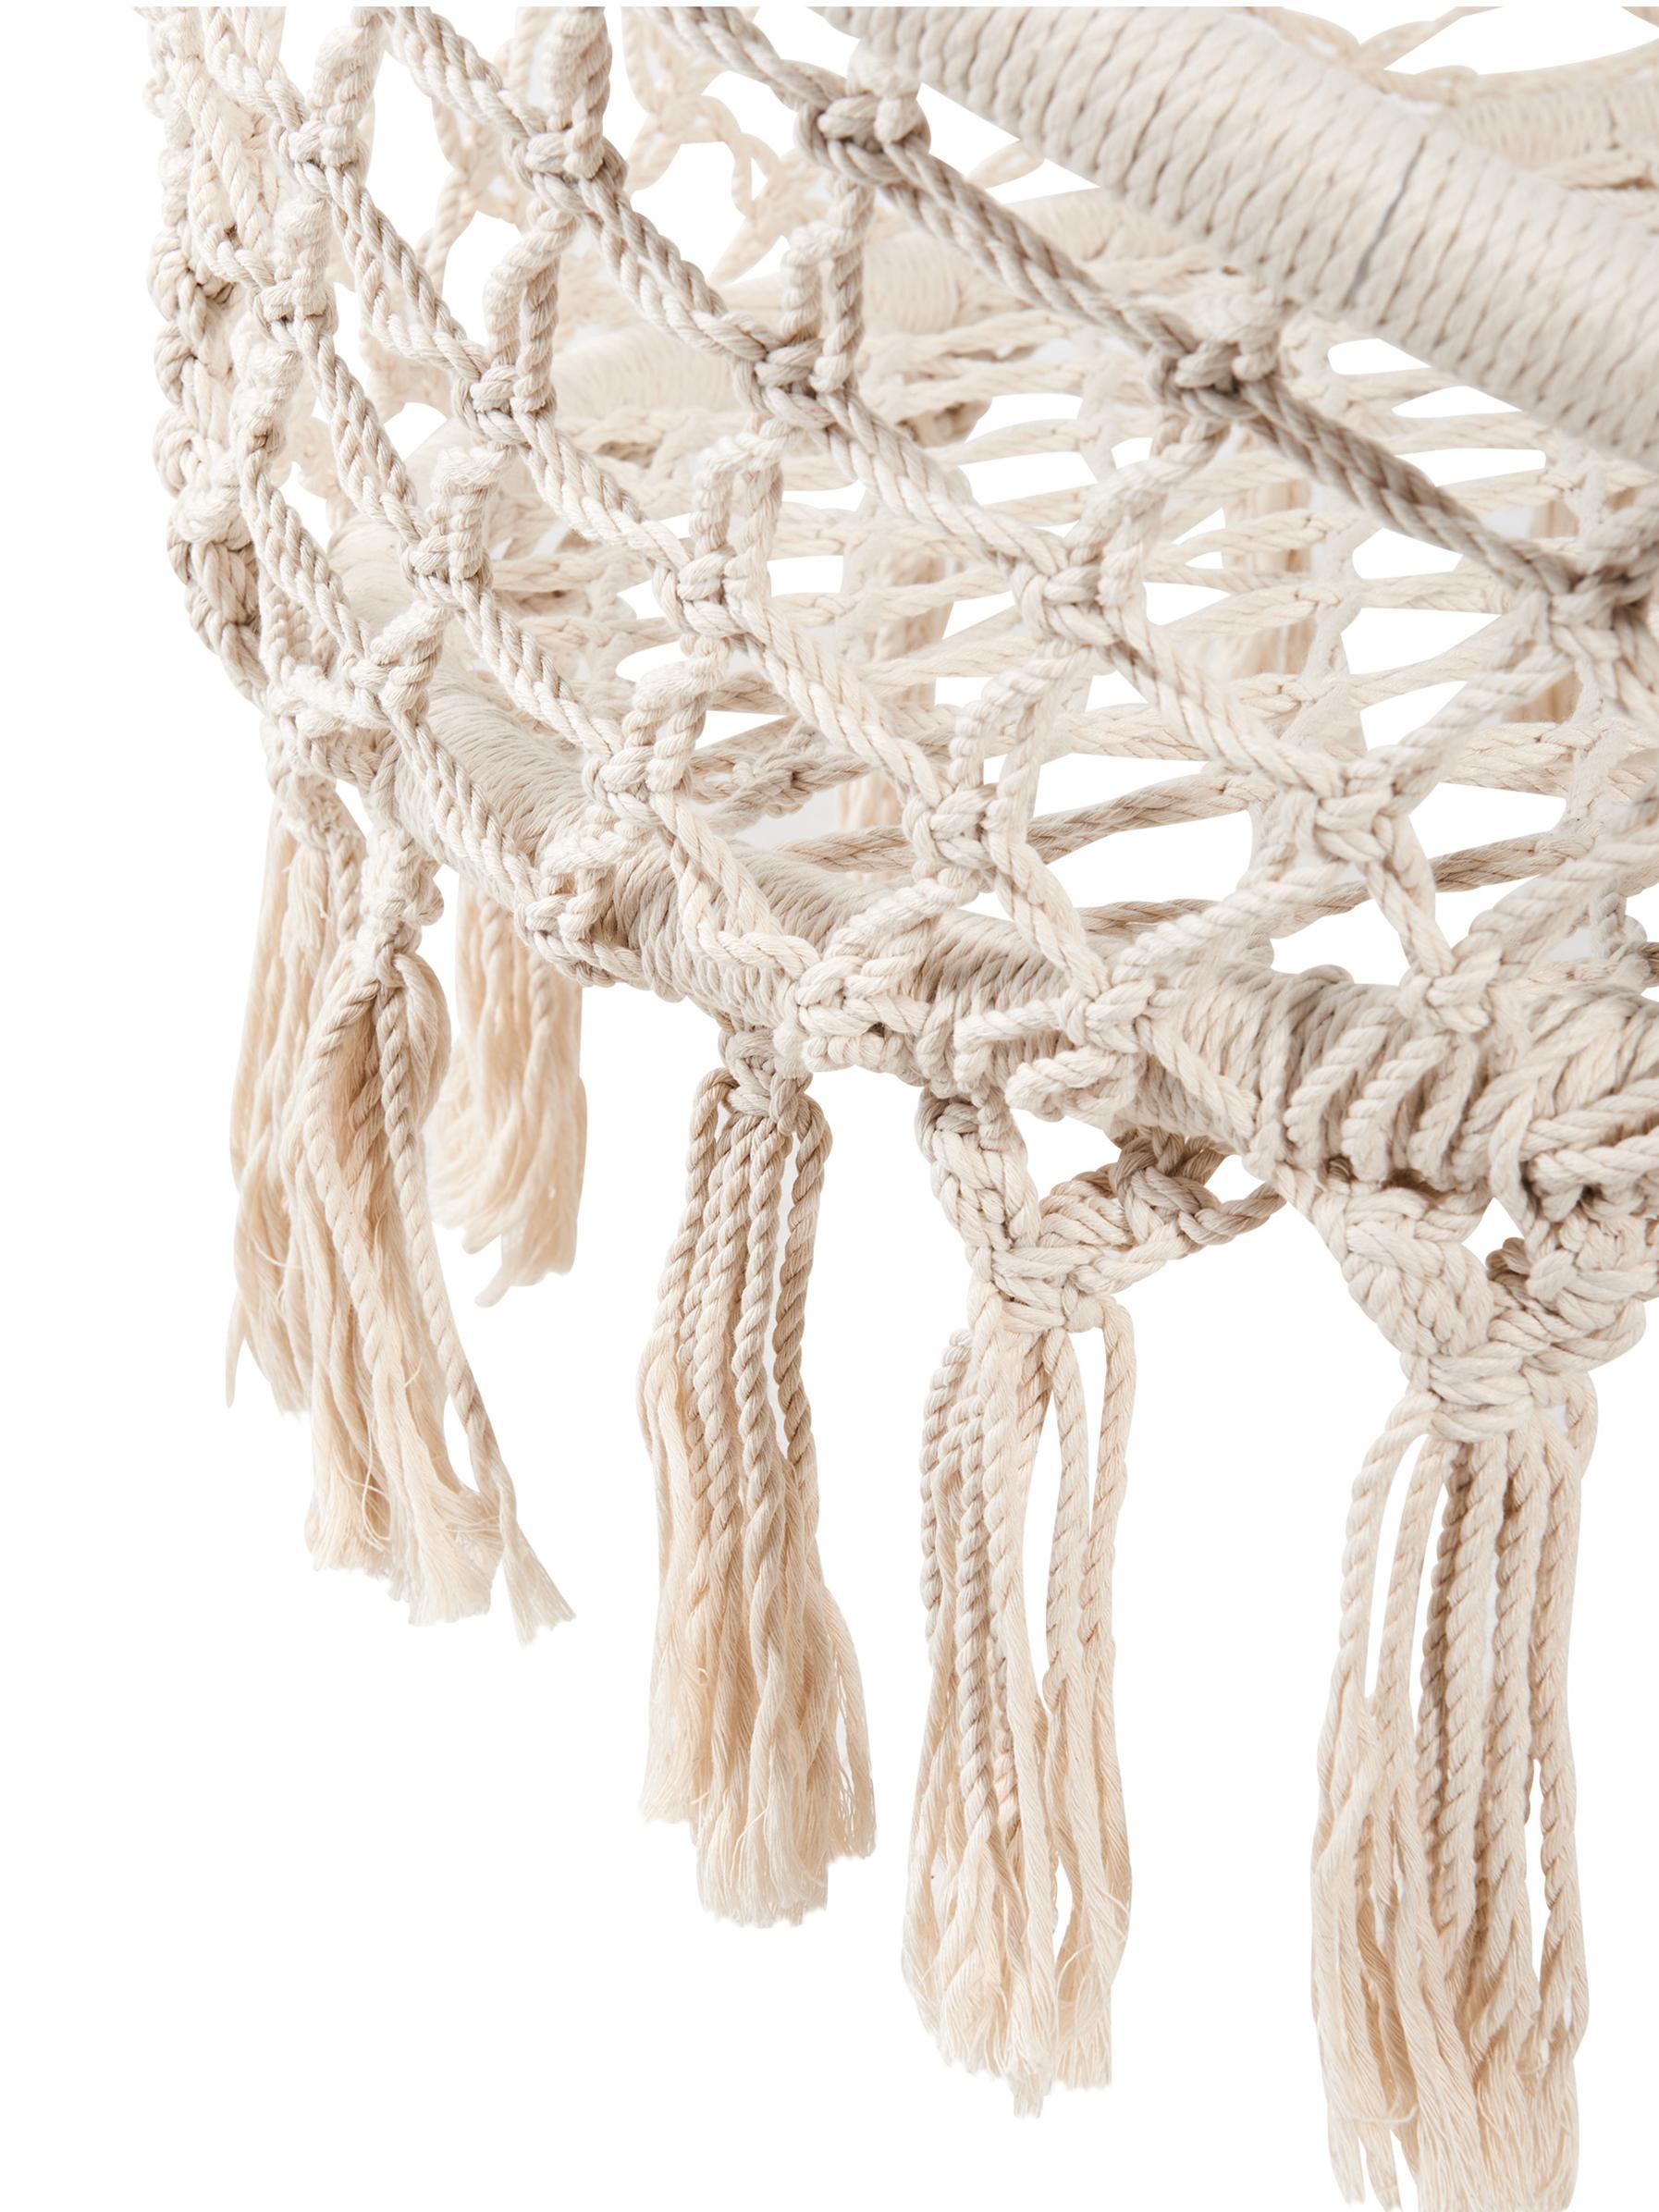 Hängesessel Paradise Now mit Fransen, Sitzfläche: Baumwolle, Polyester, Gestell: Stahl, beschichtet, Creme, Ø 100 x H 145 cm